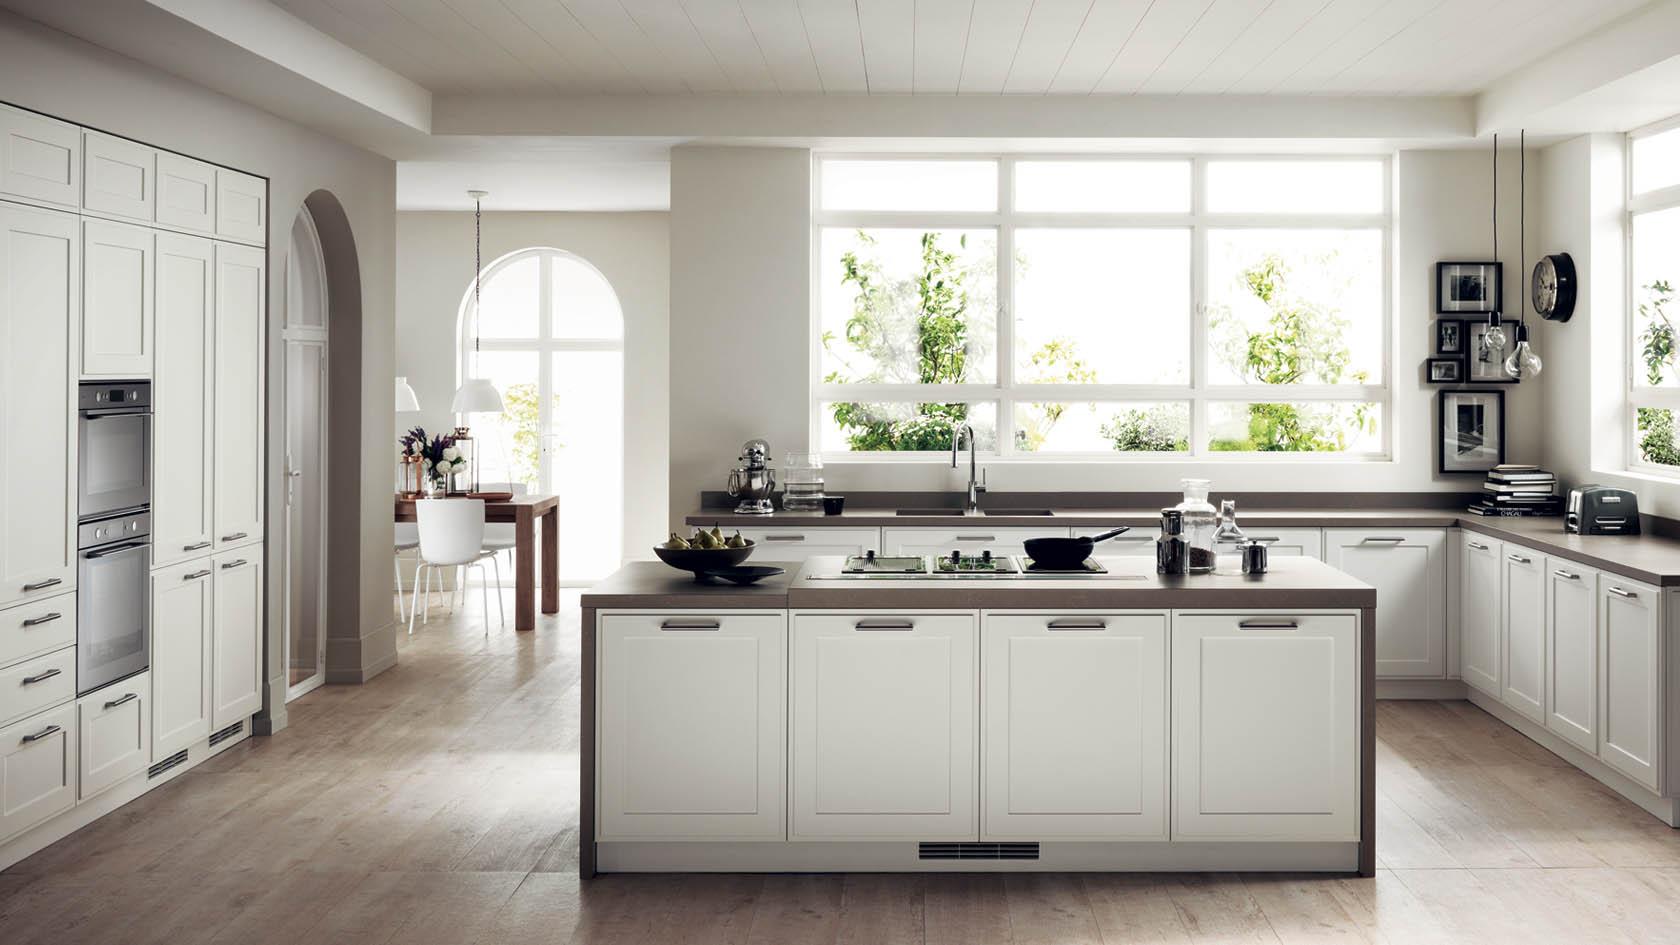 arredamento milano cucine scavolini